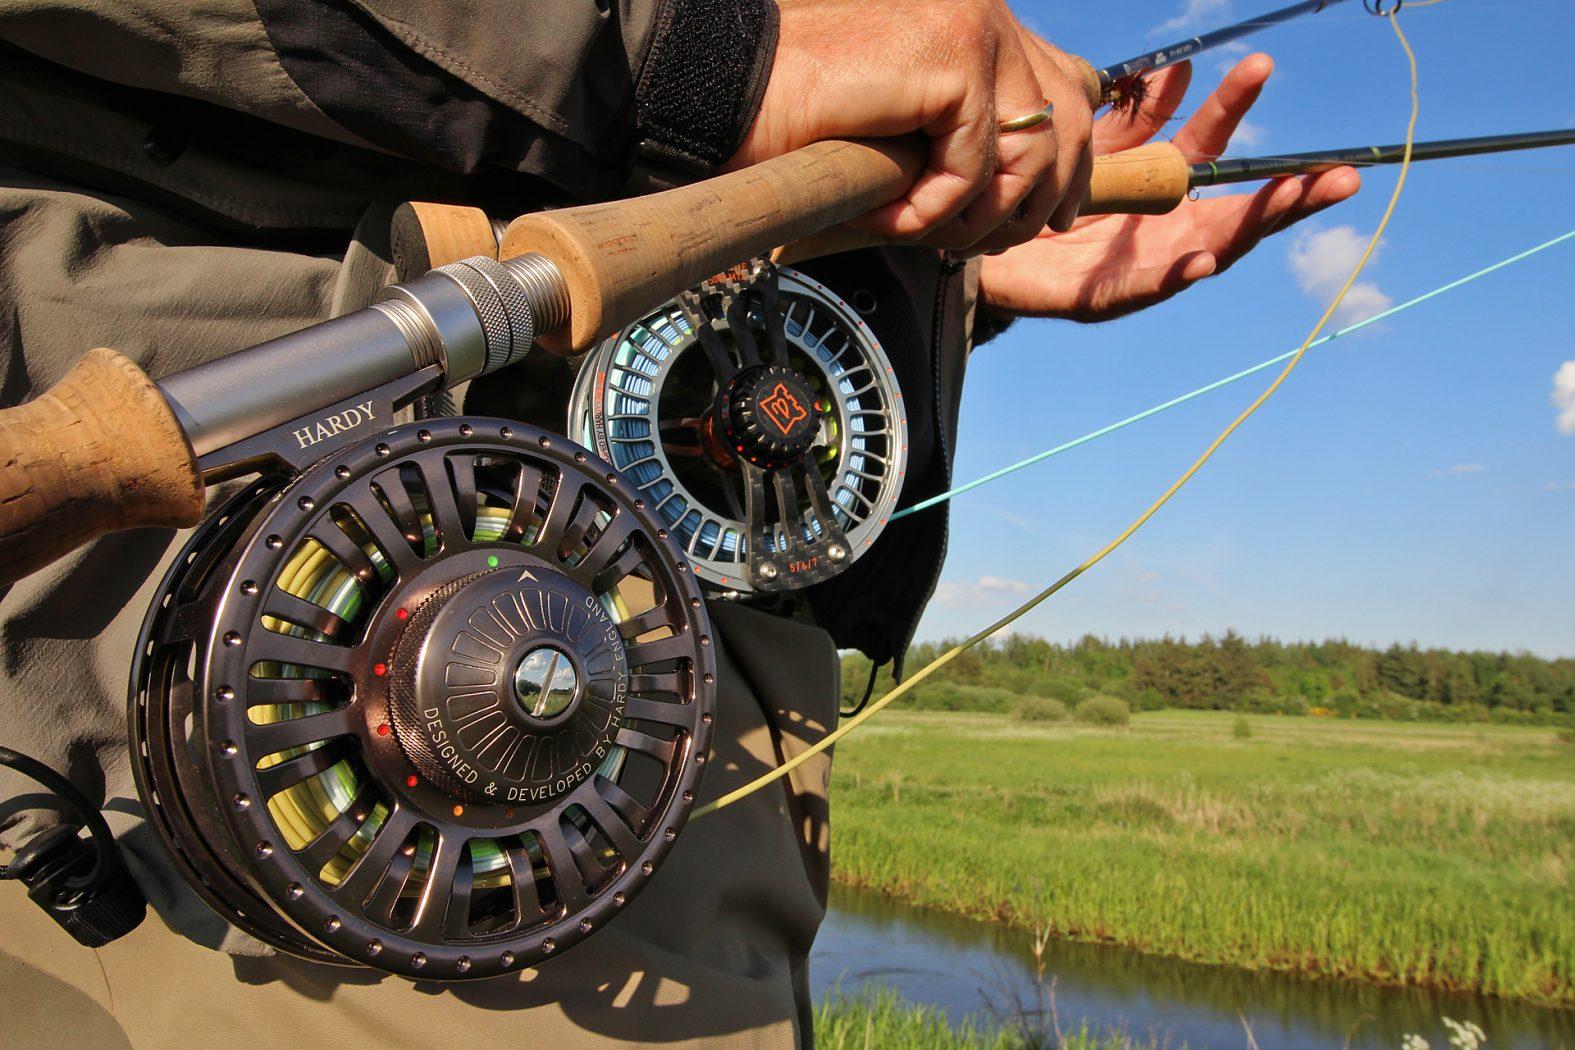 Rute und Rolle zum Fliegenfischen im Fluss